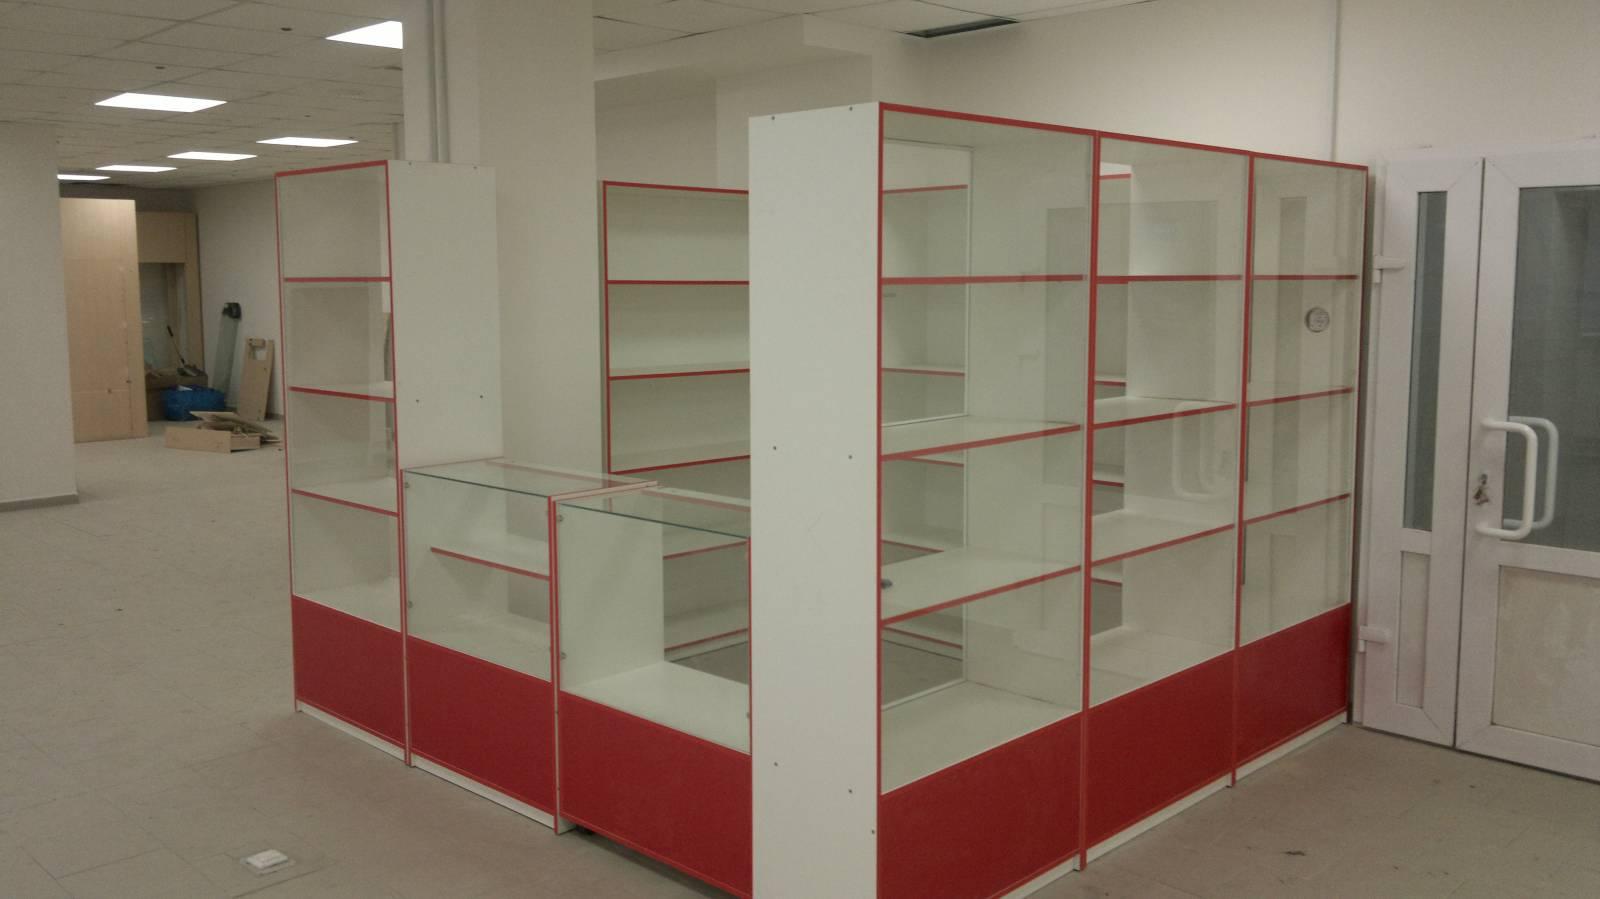 Торговая мебель прилавки, стеллажи, витрины , фото. цена - д.